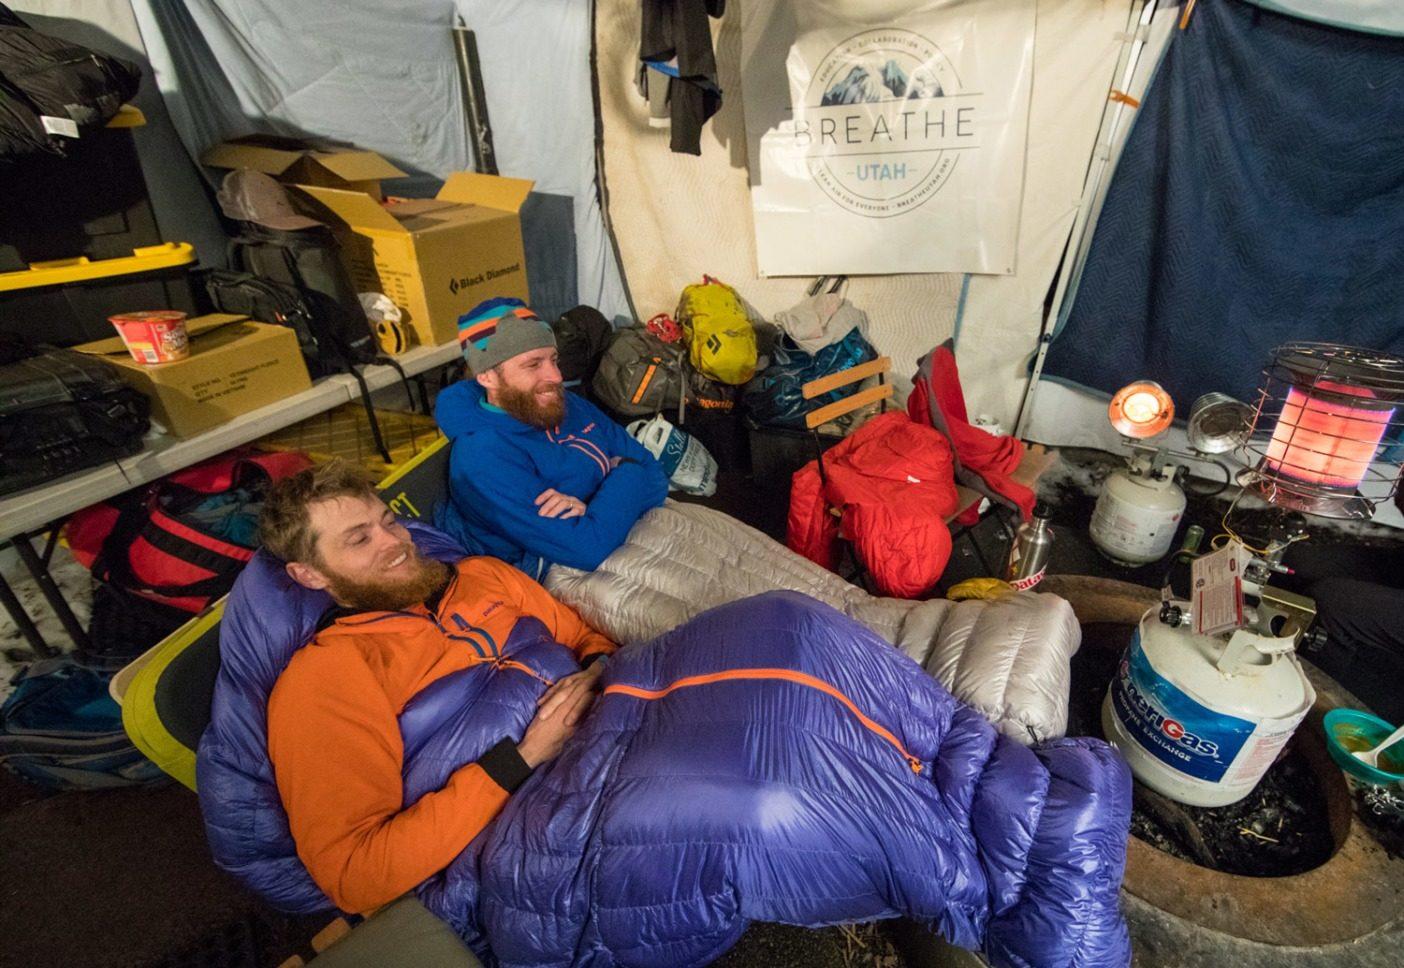 夜が更けるなか、暖かく過ごすルーク・ネルソンとタイ・ドレイニー。Photo: Andrew Burr